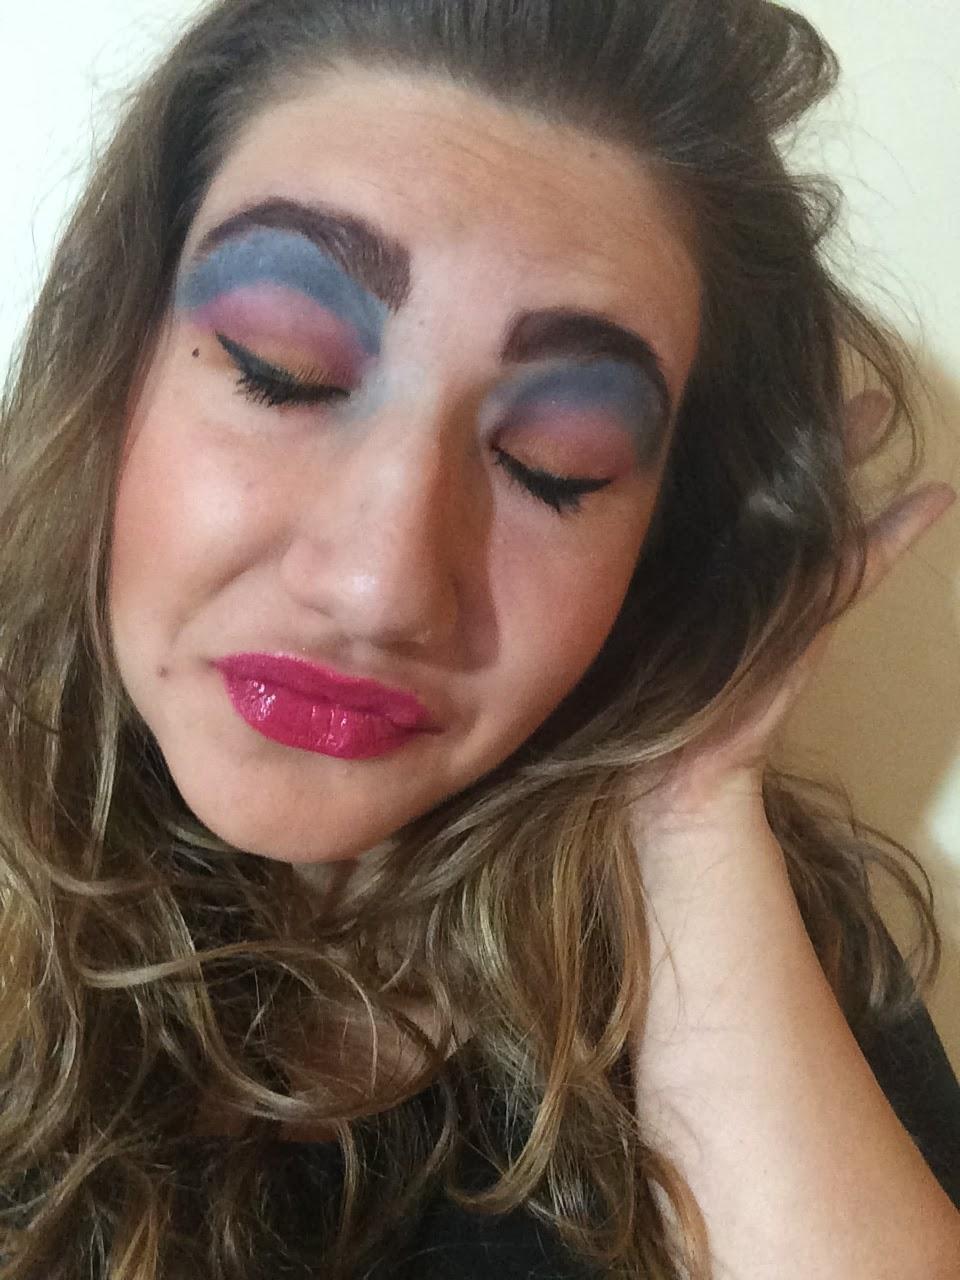 Переборщила с макияжем фото